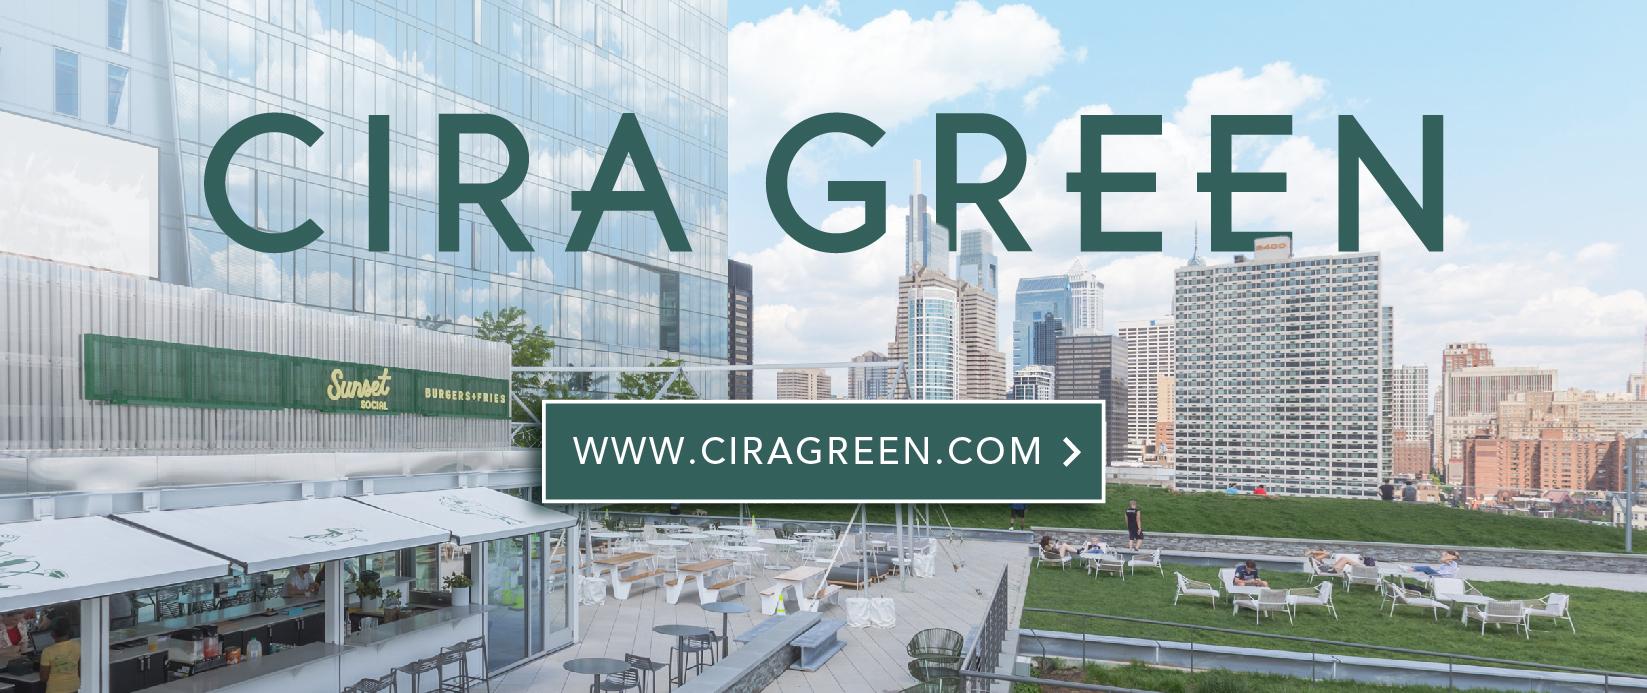 Cira Green